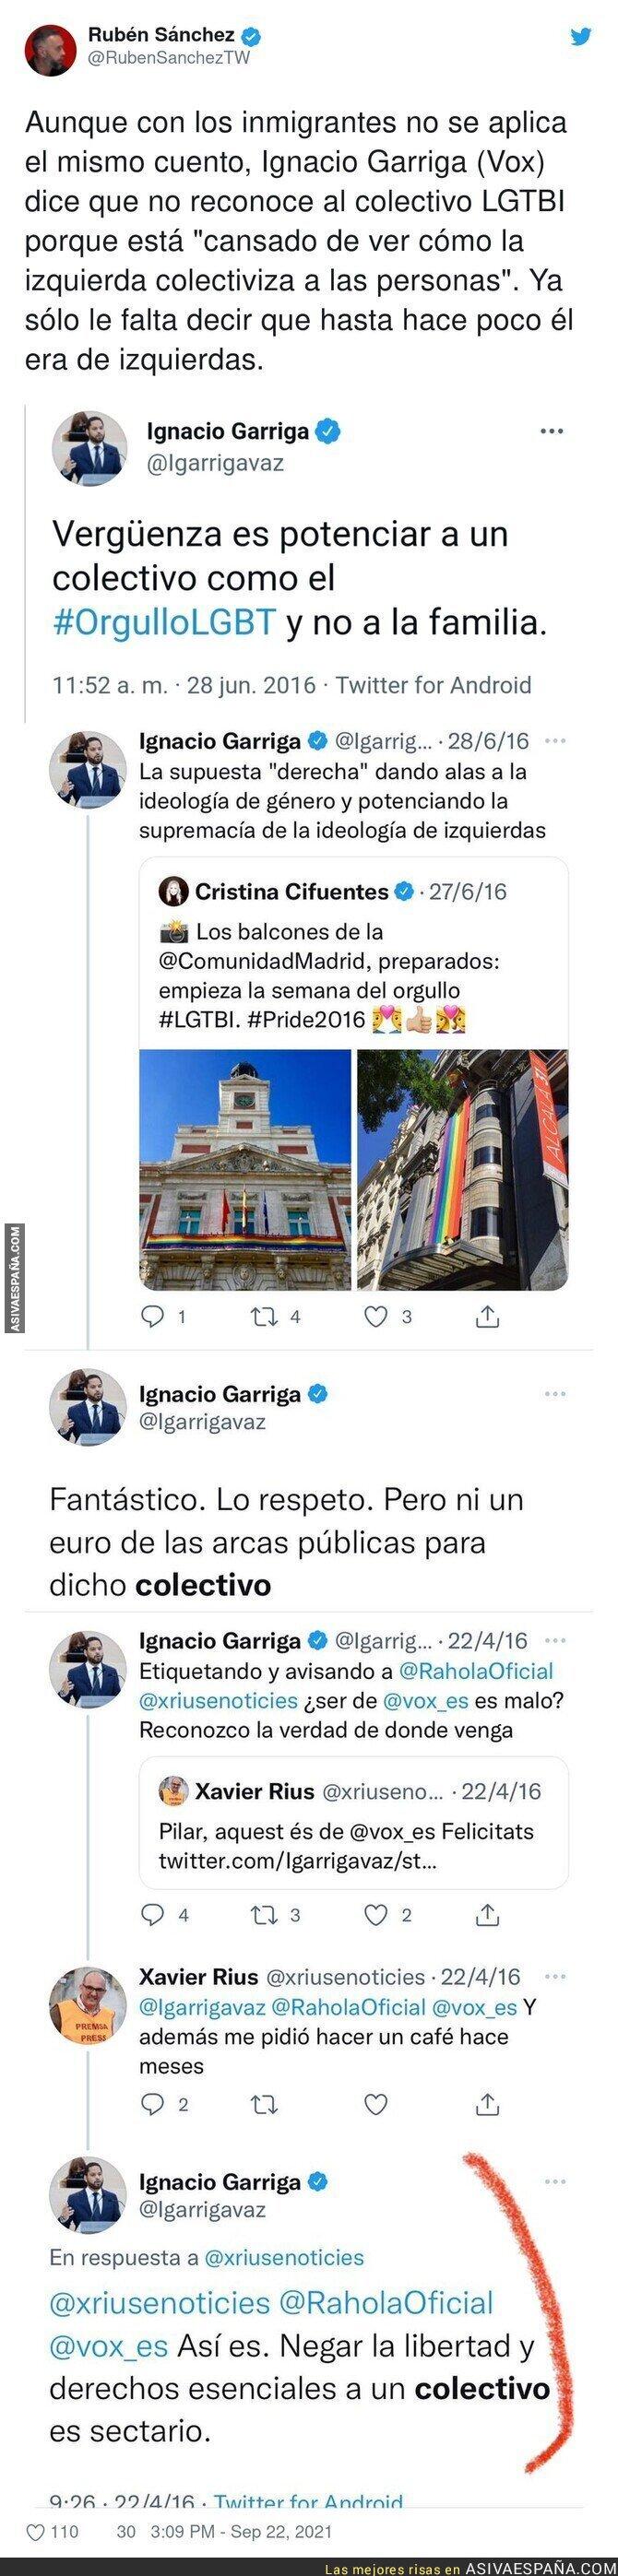 915169 - La persecución de Ignacio Garriga al colectivo LGTBI